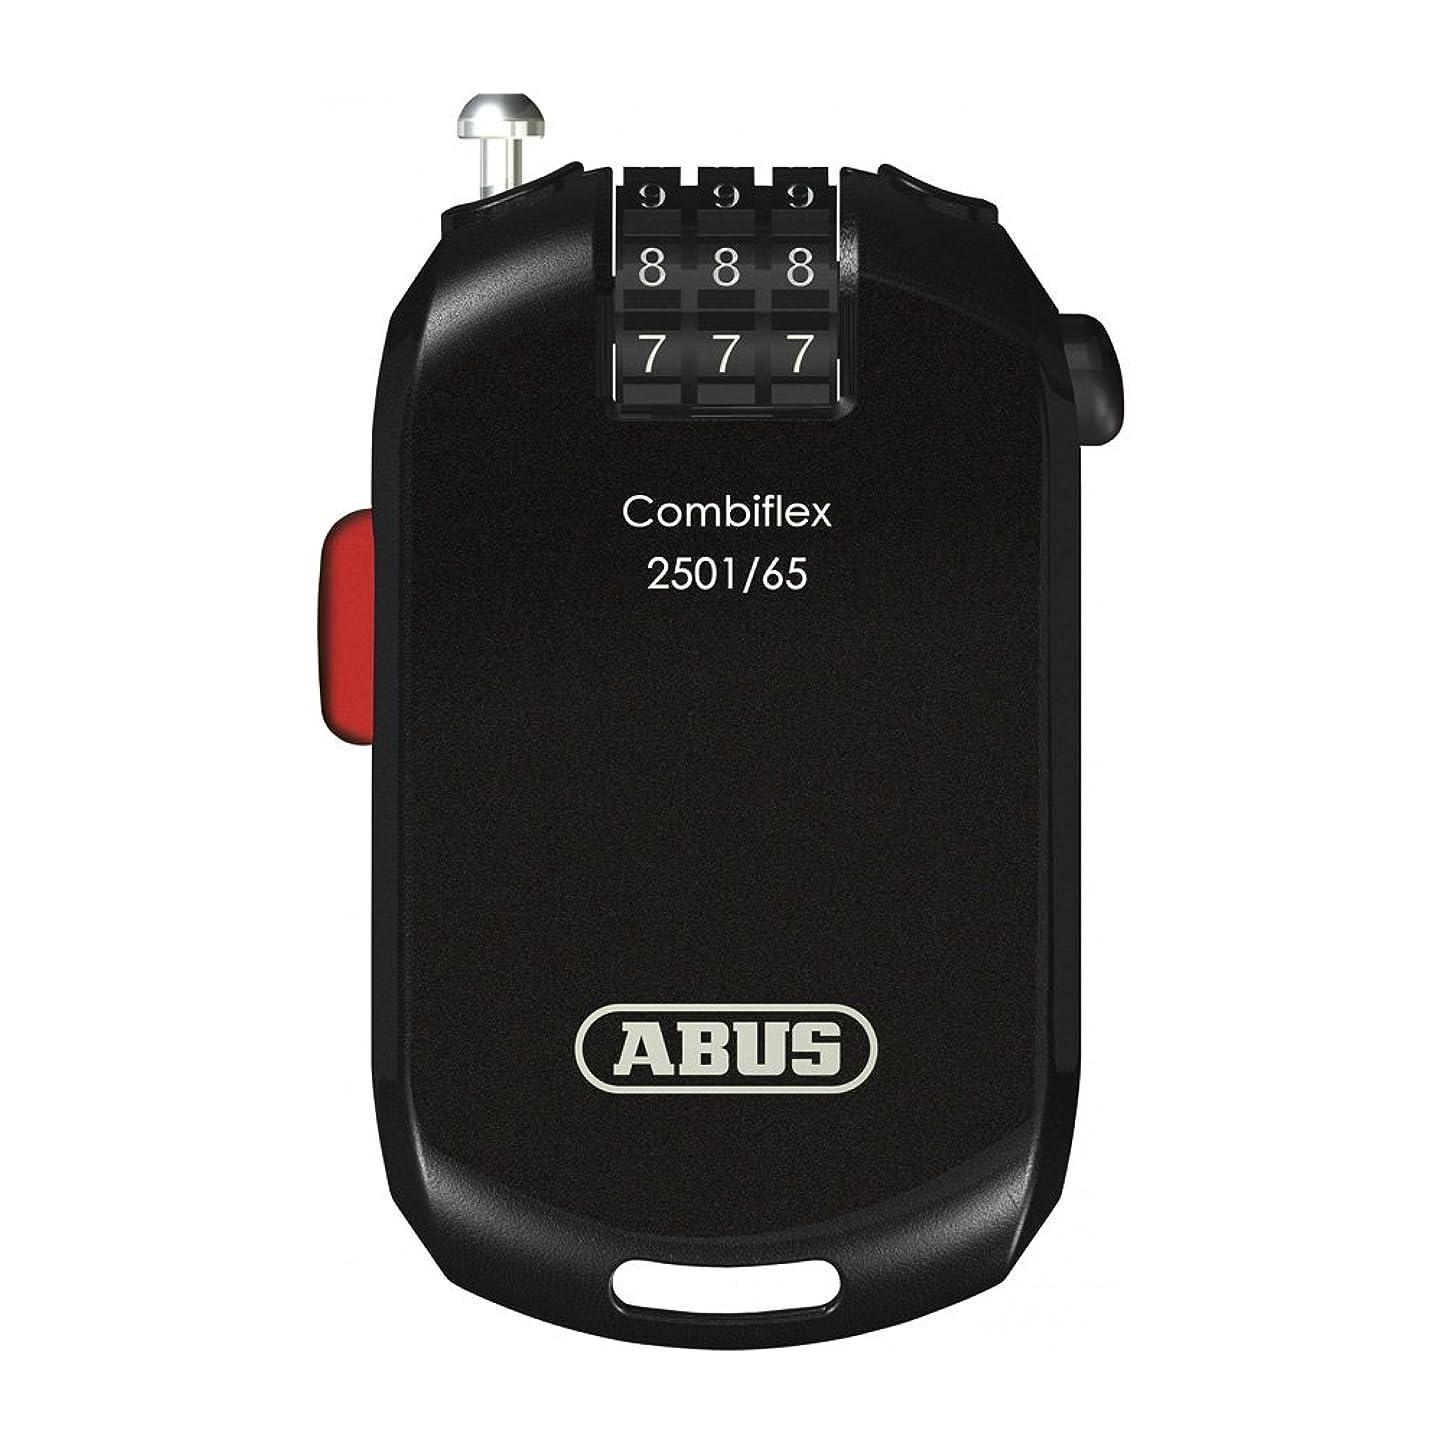 比較的病弱電話をかけるABUS(アブス) ヘルメットやパーツのロックにも コンパクトロック COMBIFLEX 2501/65【日本正規品 /2年間保証】 ブラック